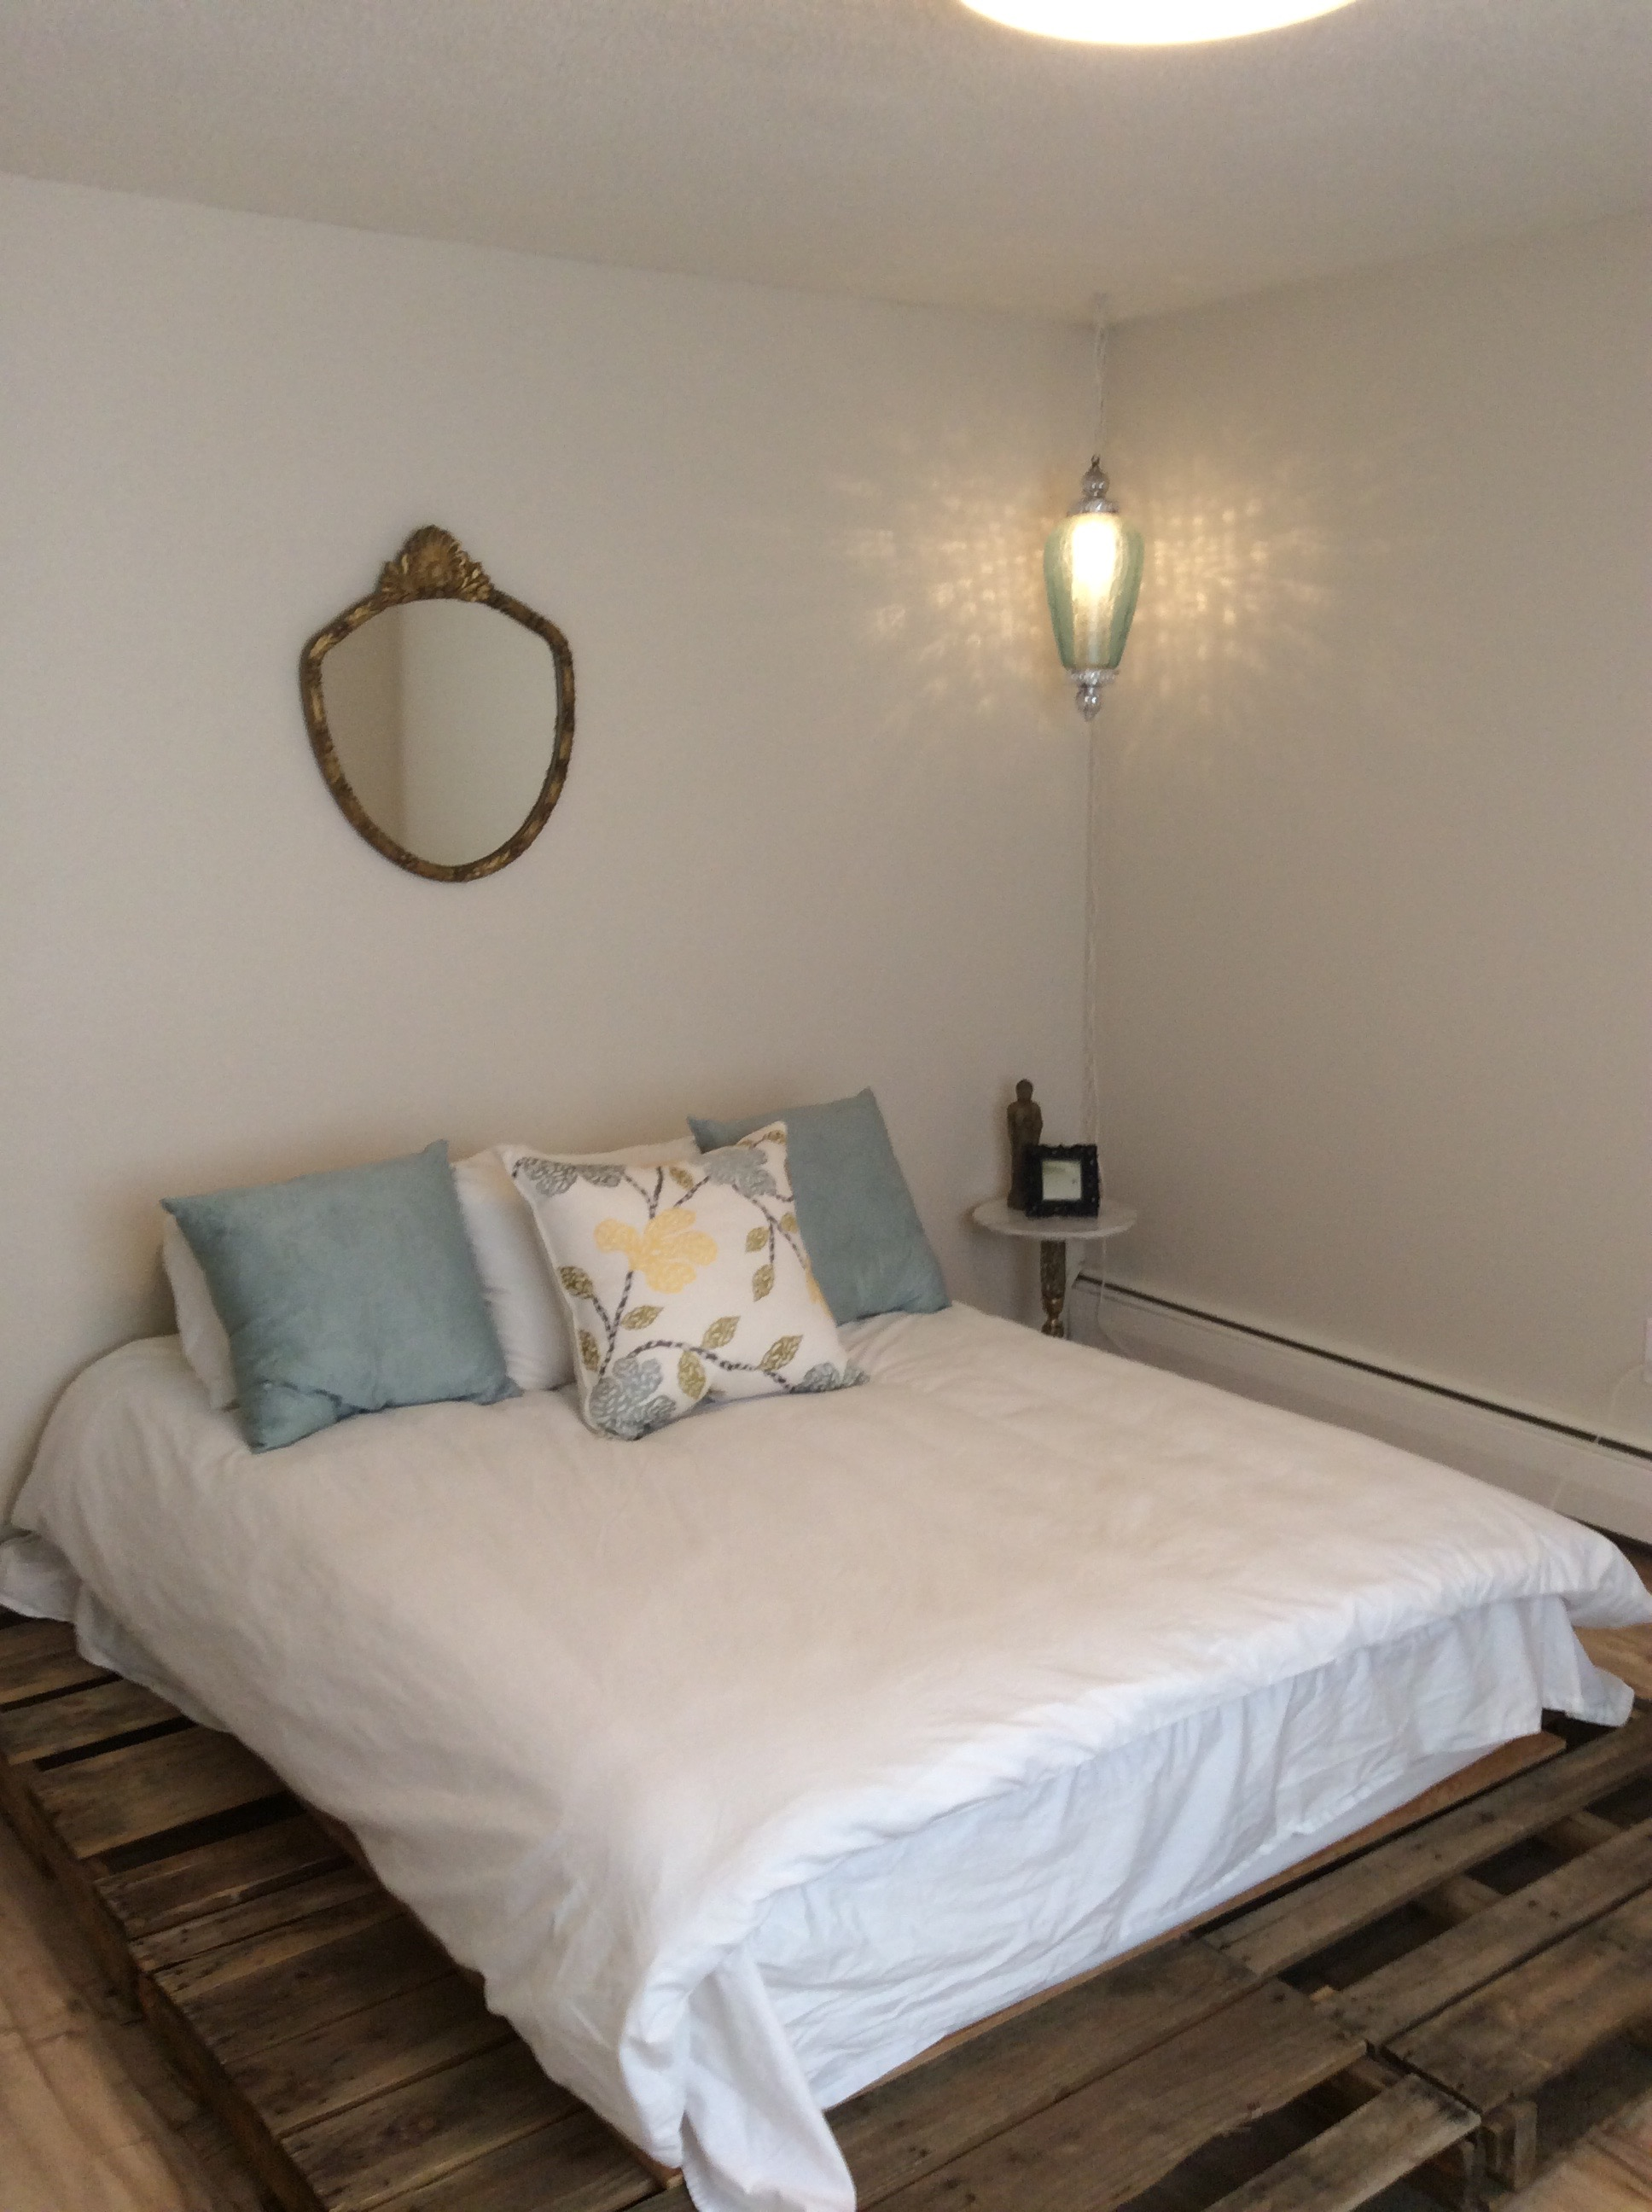 Pallet bed base, vintage blue lamp, and vintage mirror.